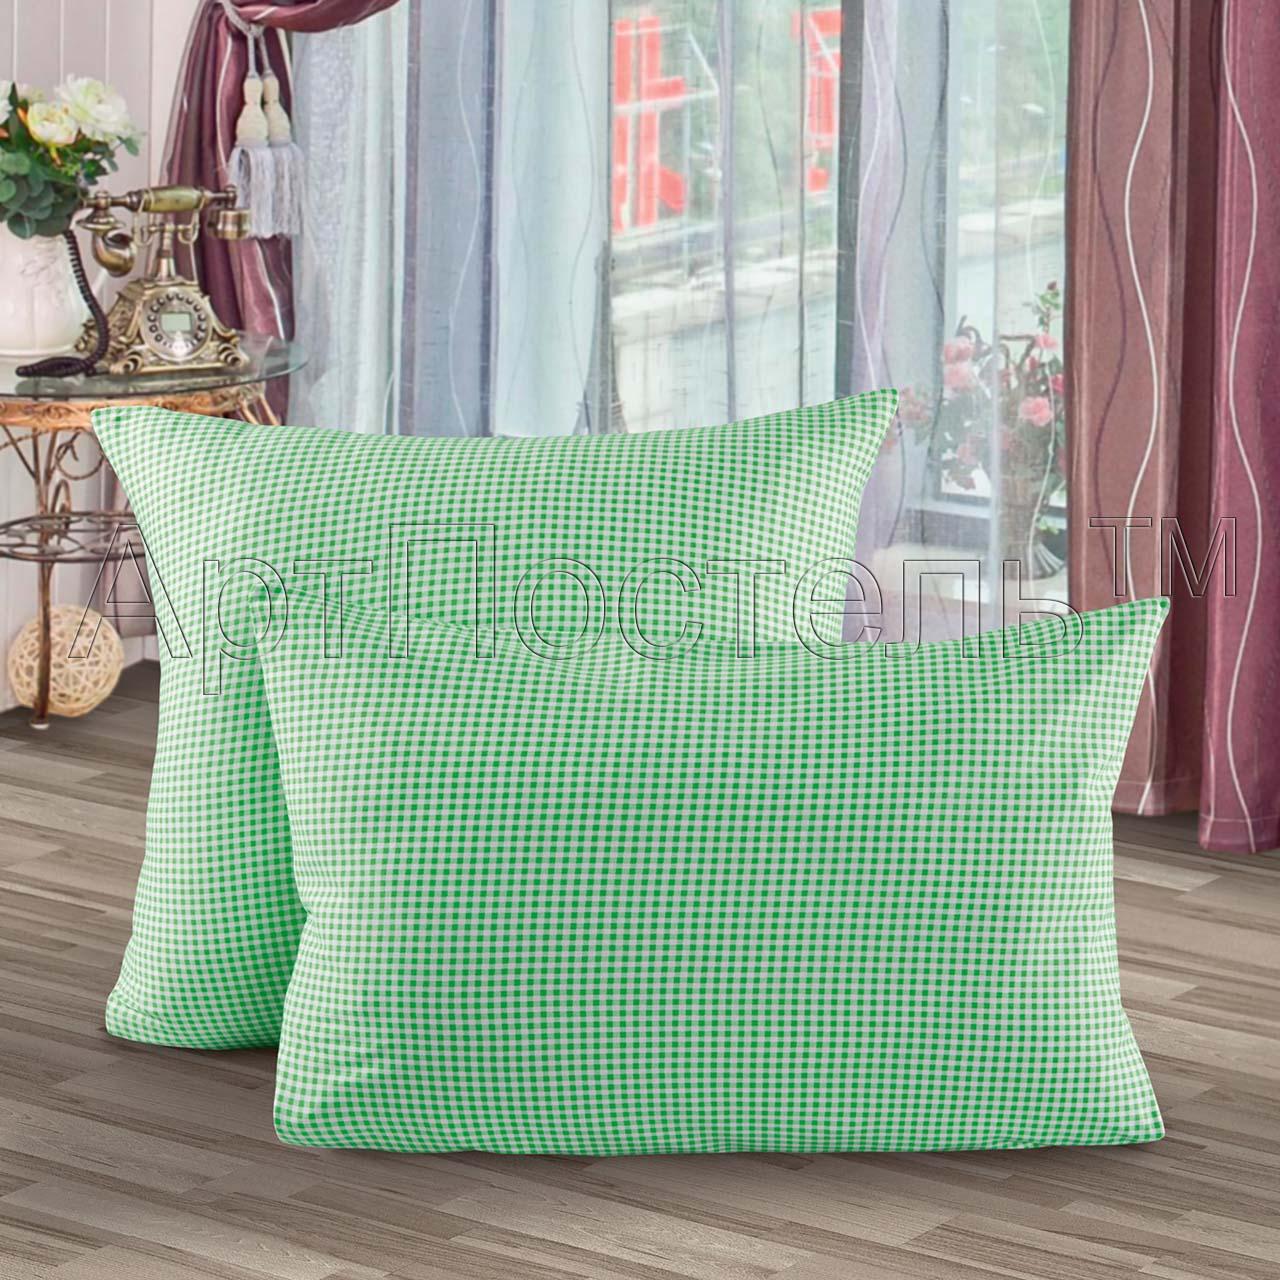 Наволочки Клетка Зеленый р. 50х70Наволочки<br>Плотность ткани: 140 г/кв. М <br>Количество: 2 шт.<br><br>Тип: Наволочки<br>Размер: 50х70<br>Материал: Кулирка